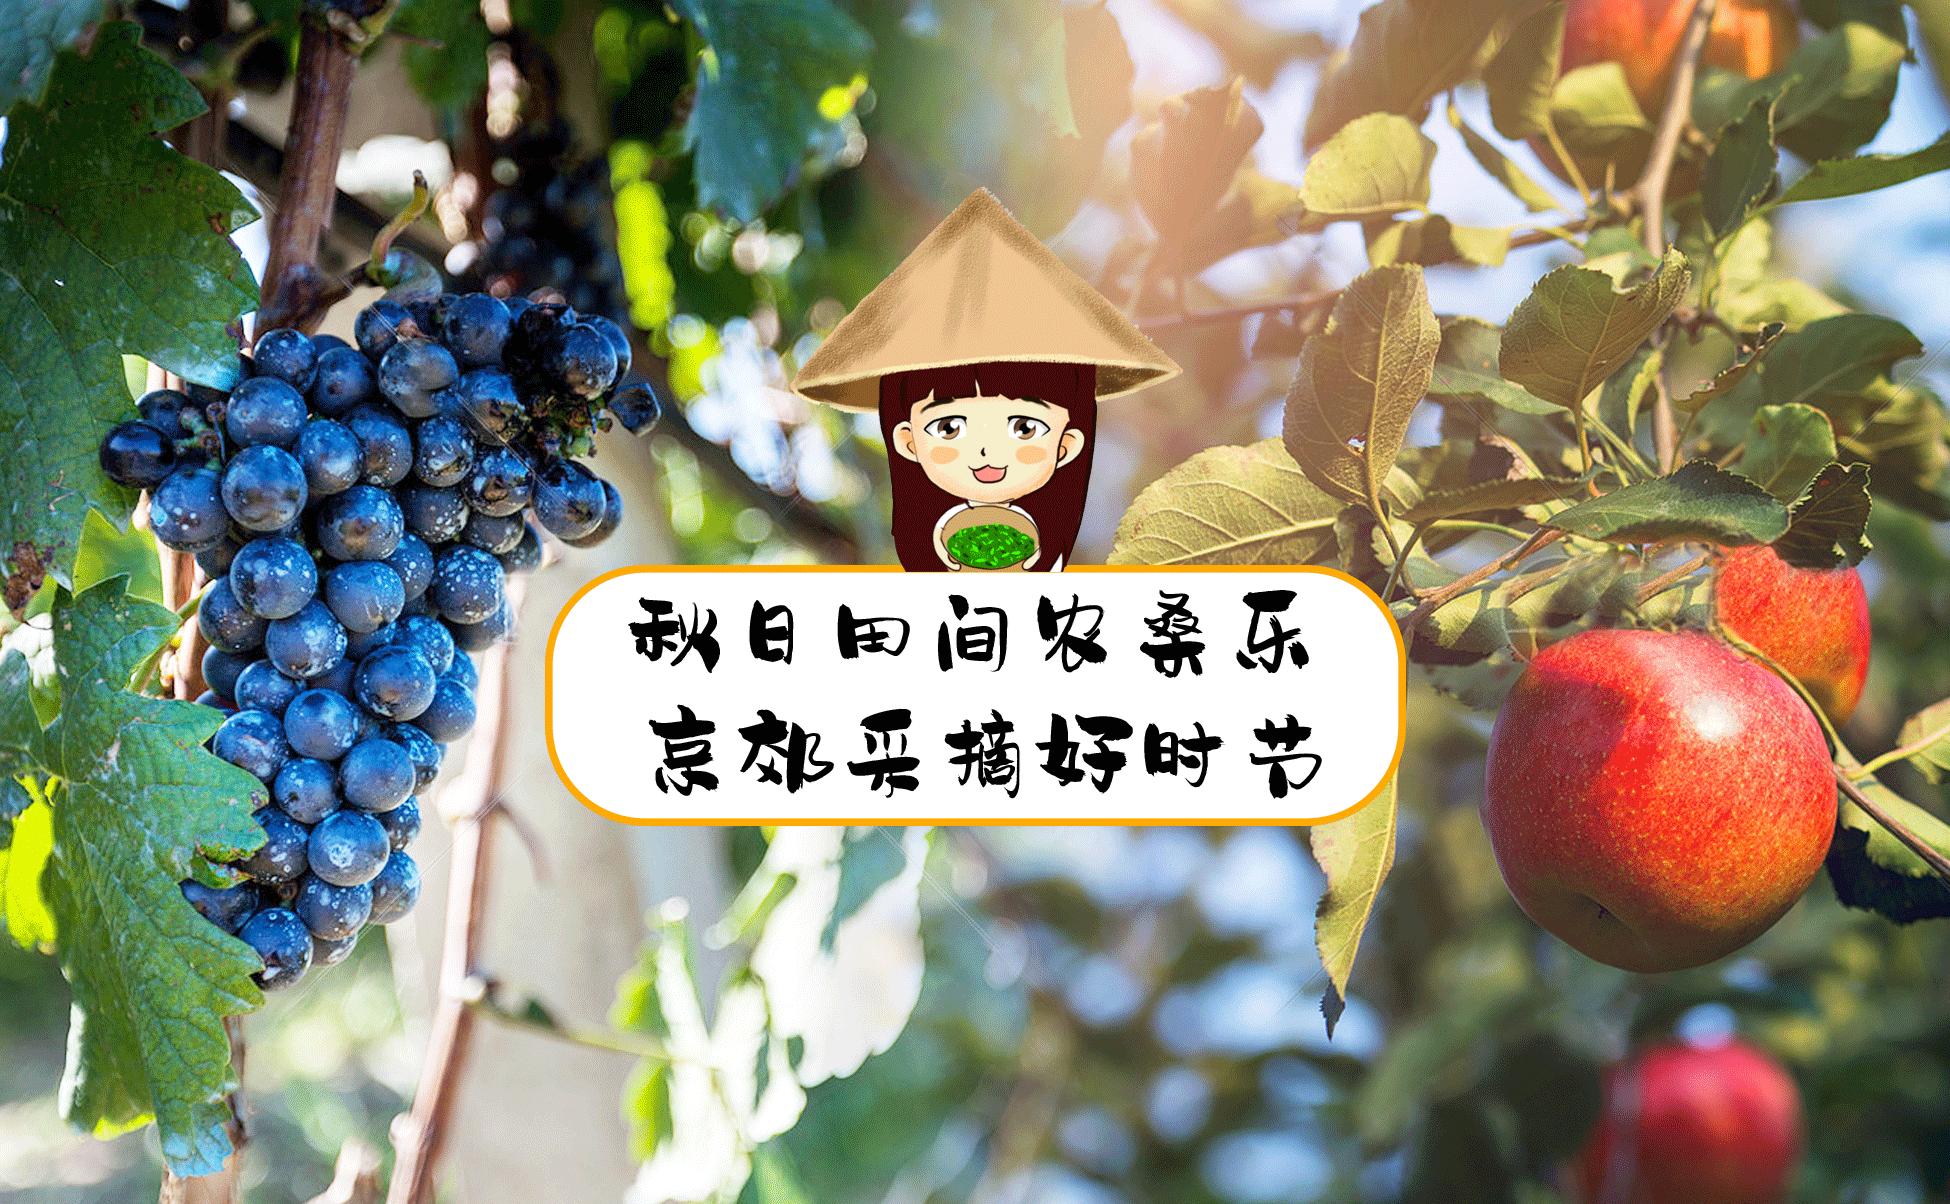 秋日田间农桑乐 京郊采摘好时节